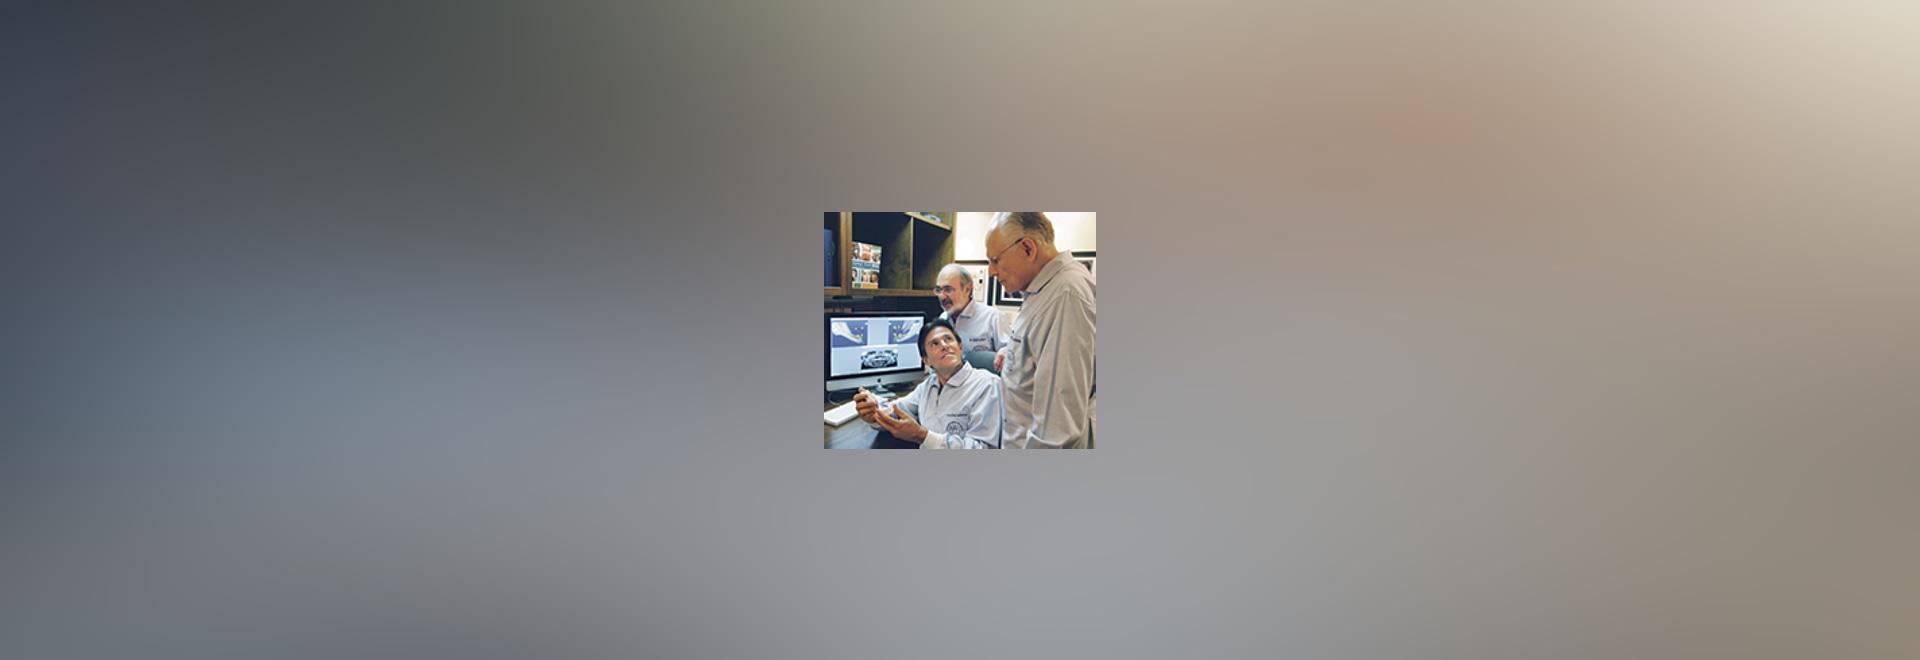 ¿? ¿Equipo Atlanta? (de izquierda a derecha: DRS. Mauricio Salama, David Garber, y Ronald Goldstein) que repasa un caso complejo que utiliza tecnologías tridimensionales modernas.